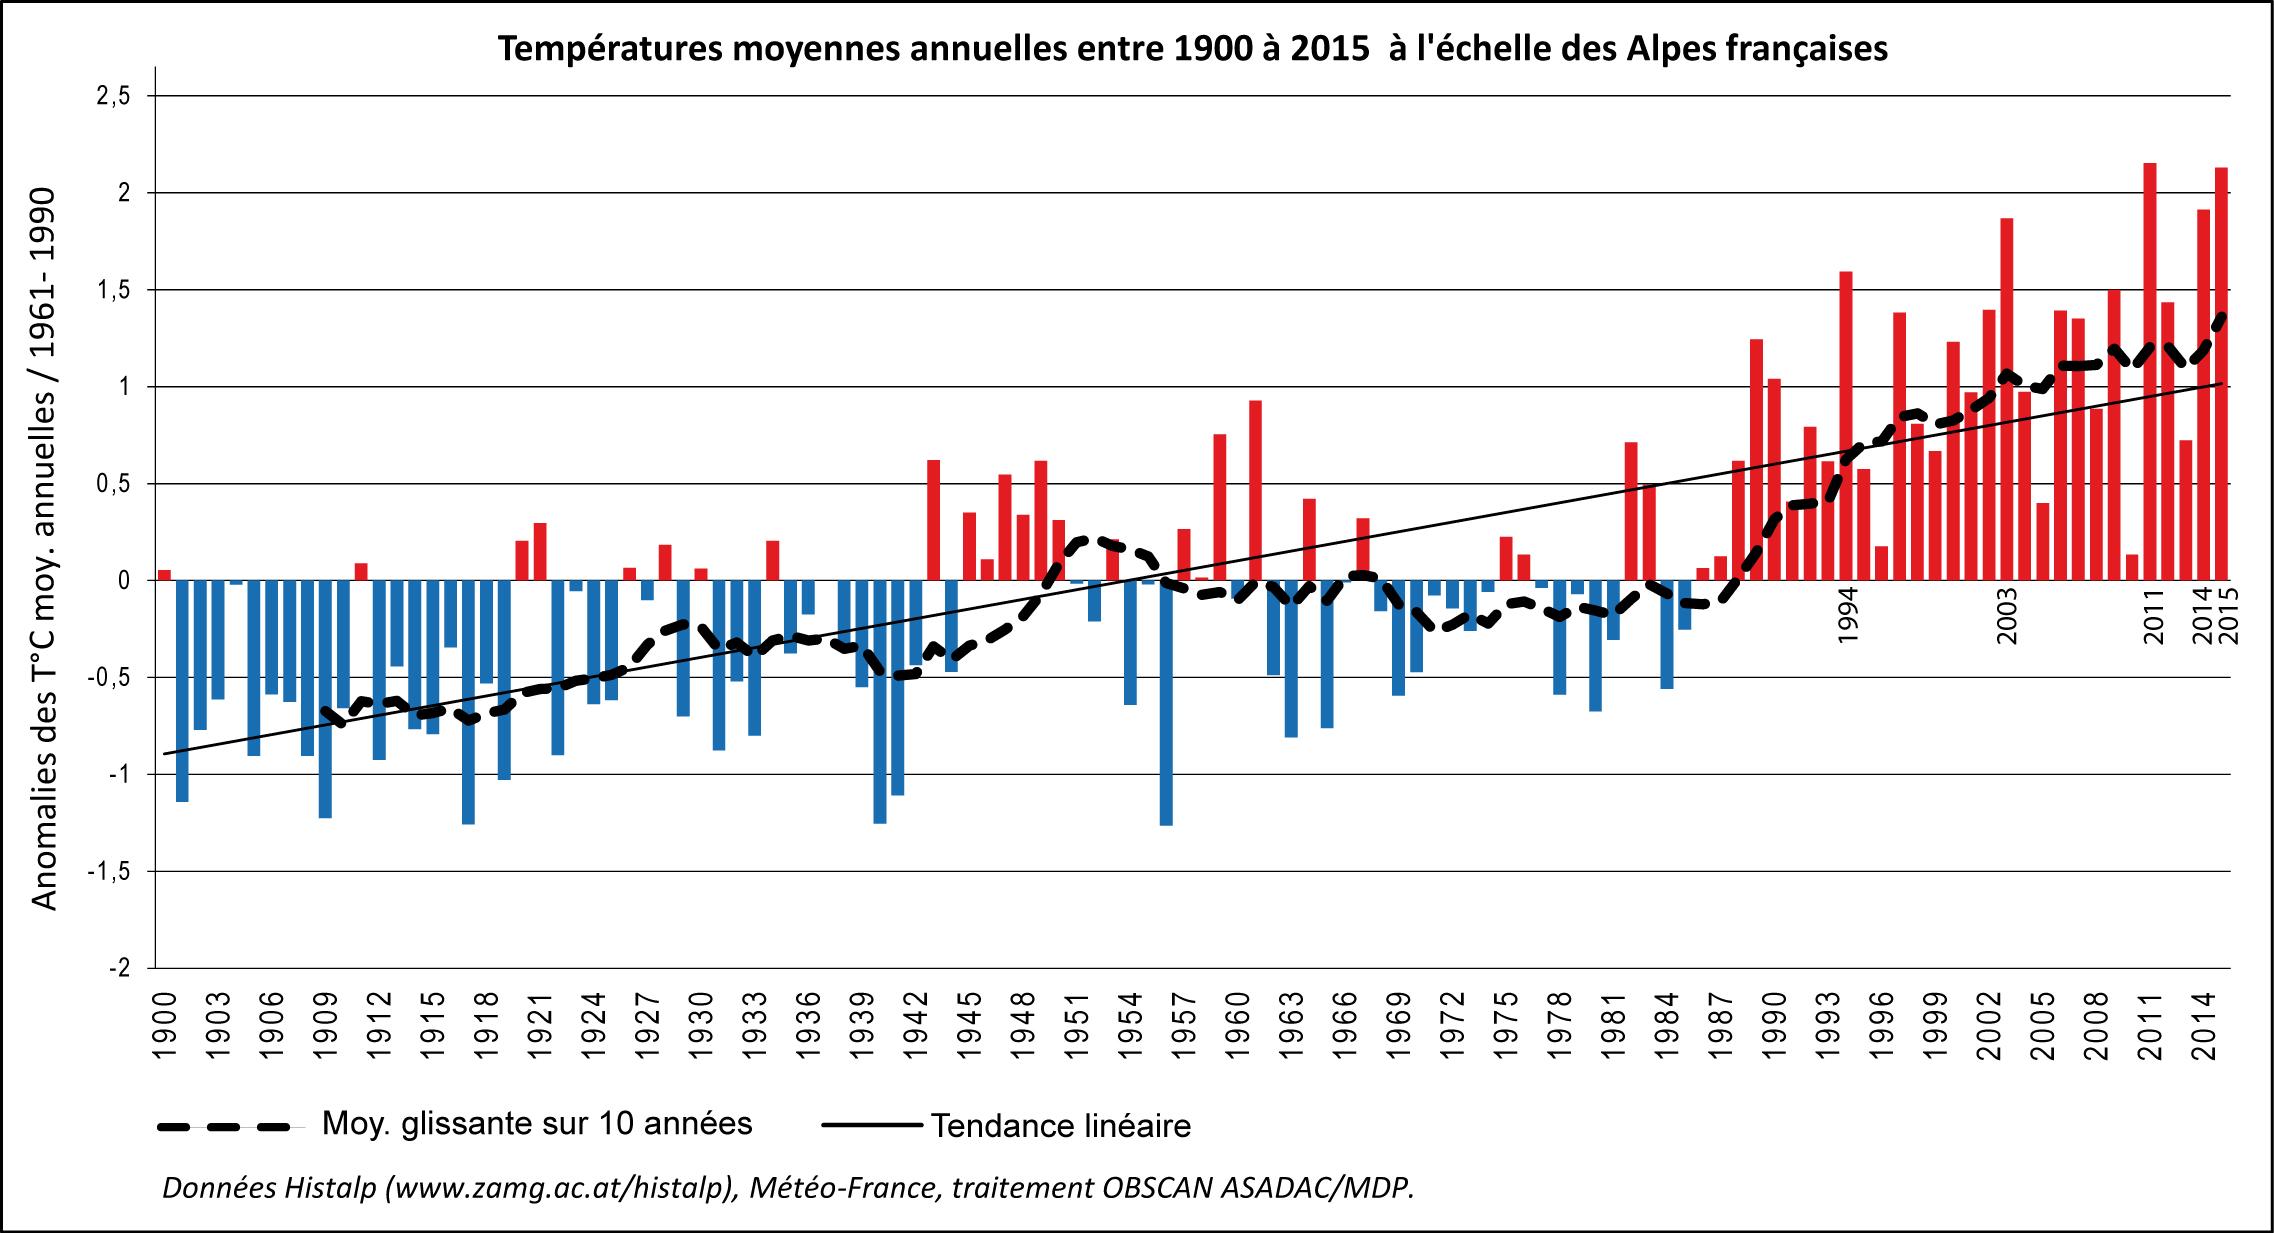 données publiques météo france